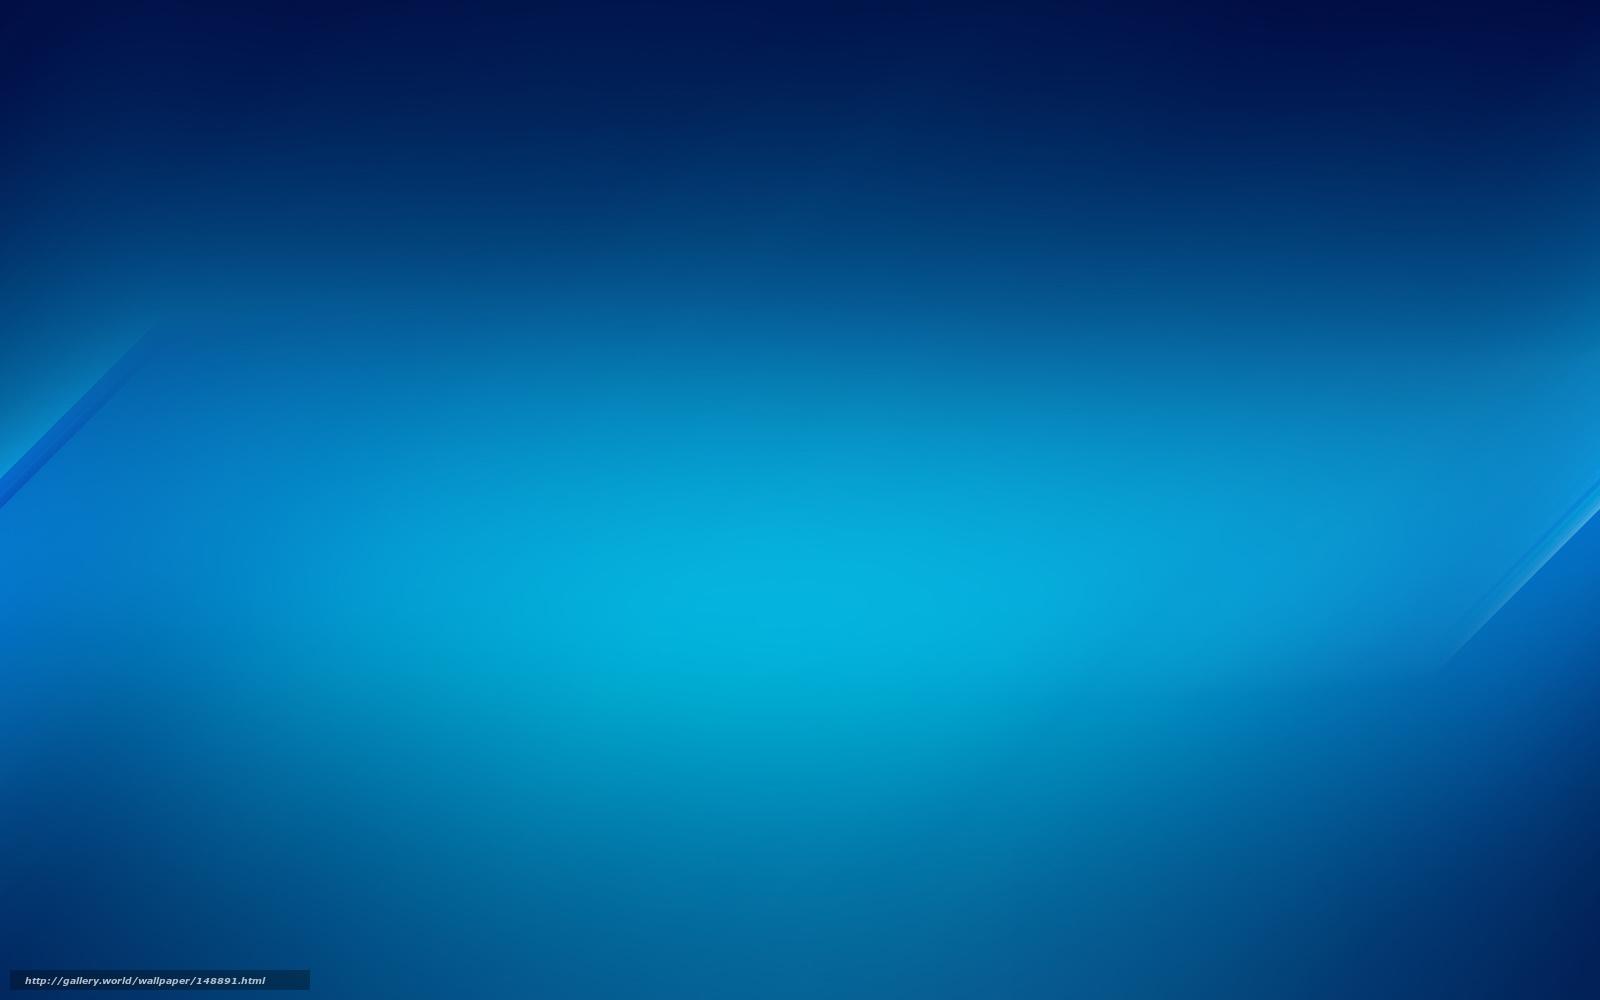 Обои на рабочий стол синего цвета